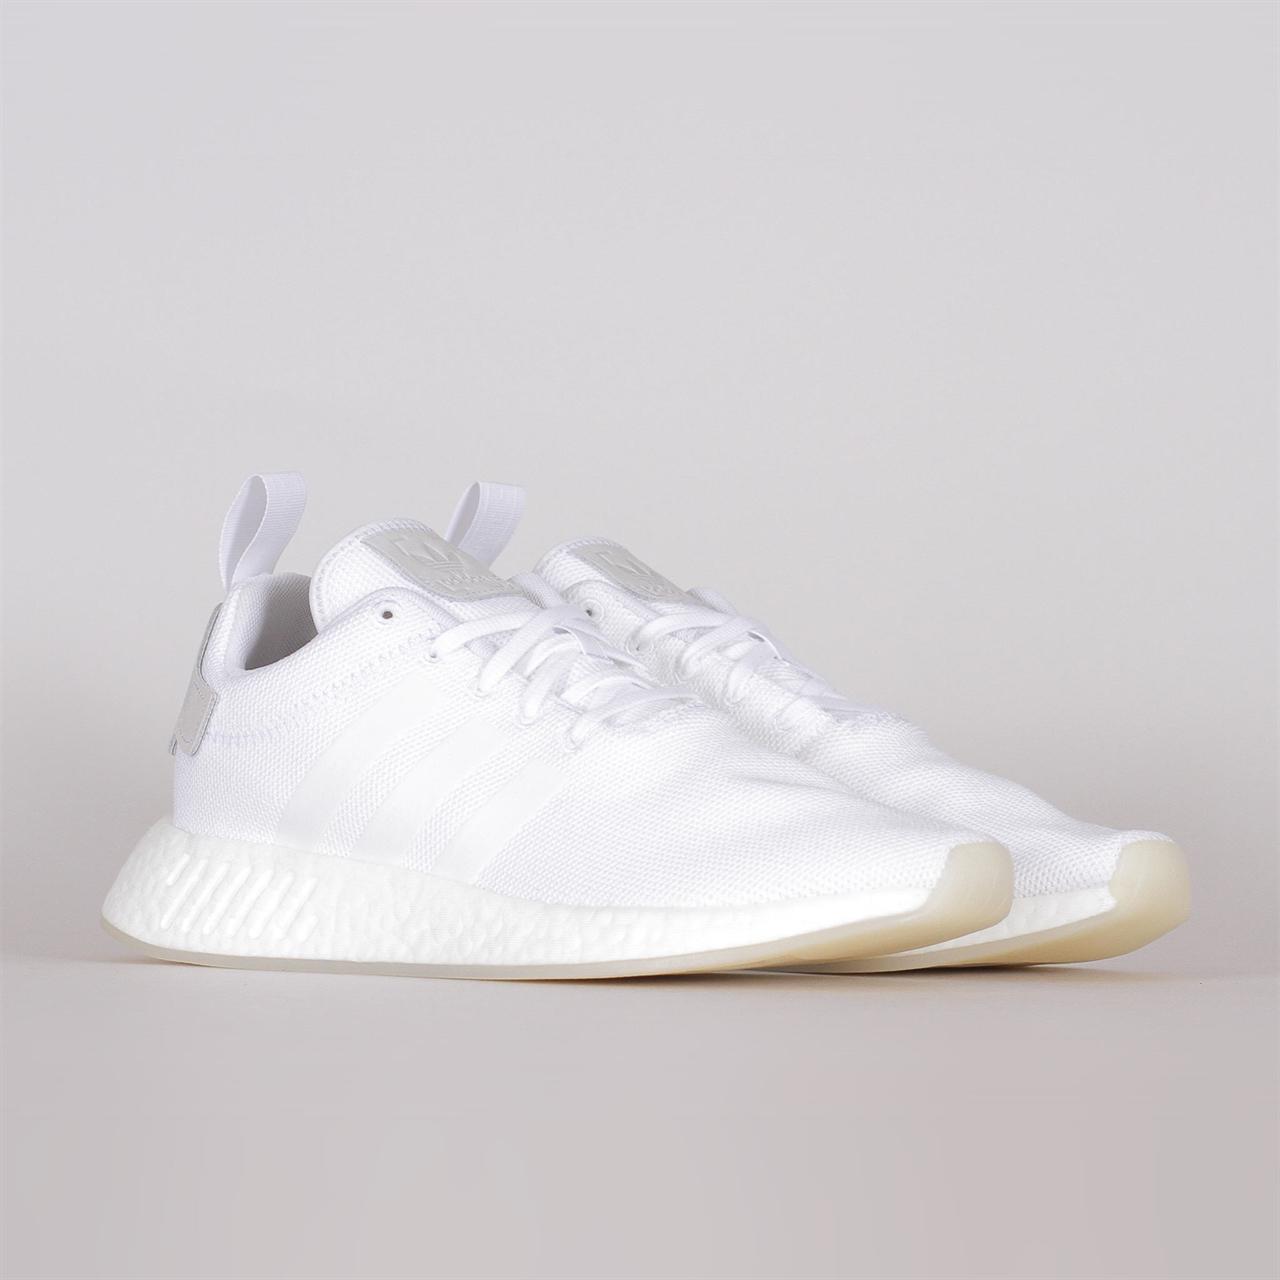 quality design c7a2e f126e Shelta - Adidas Originals NMD R2 (CQ2401)